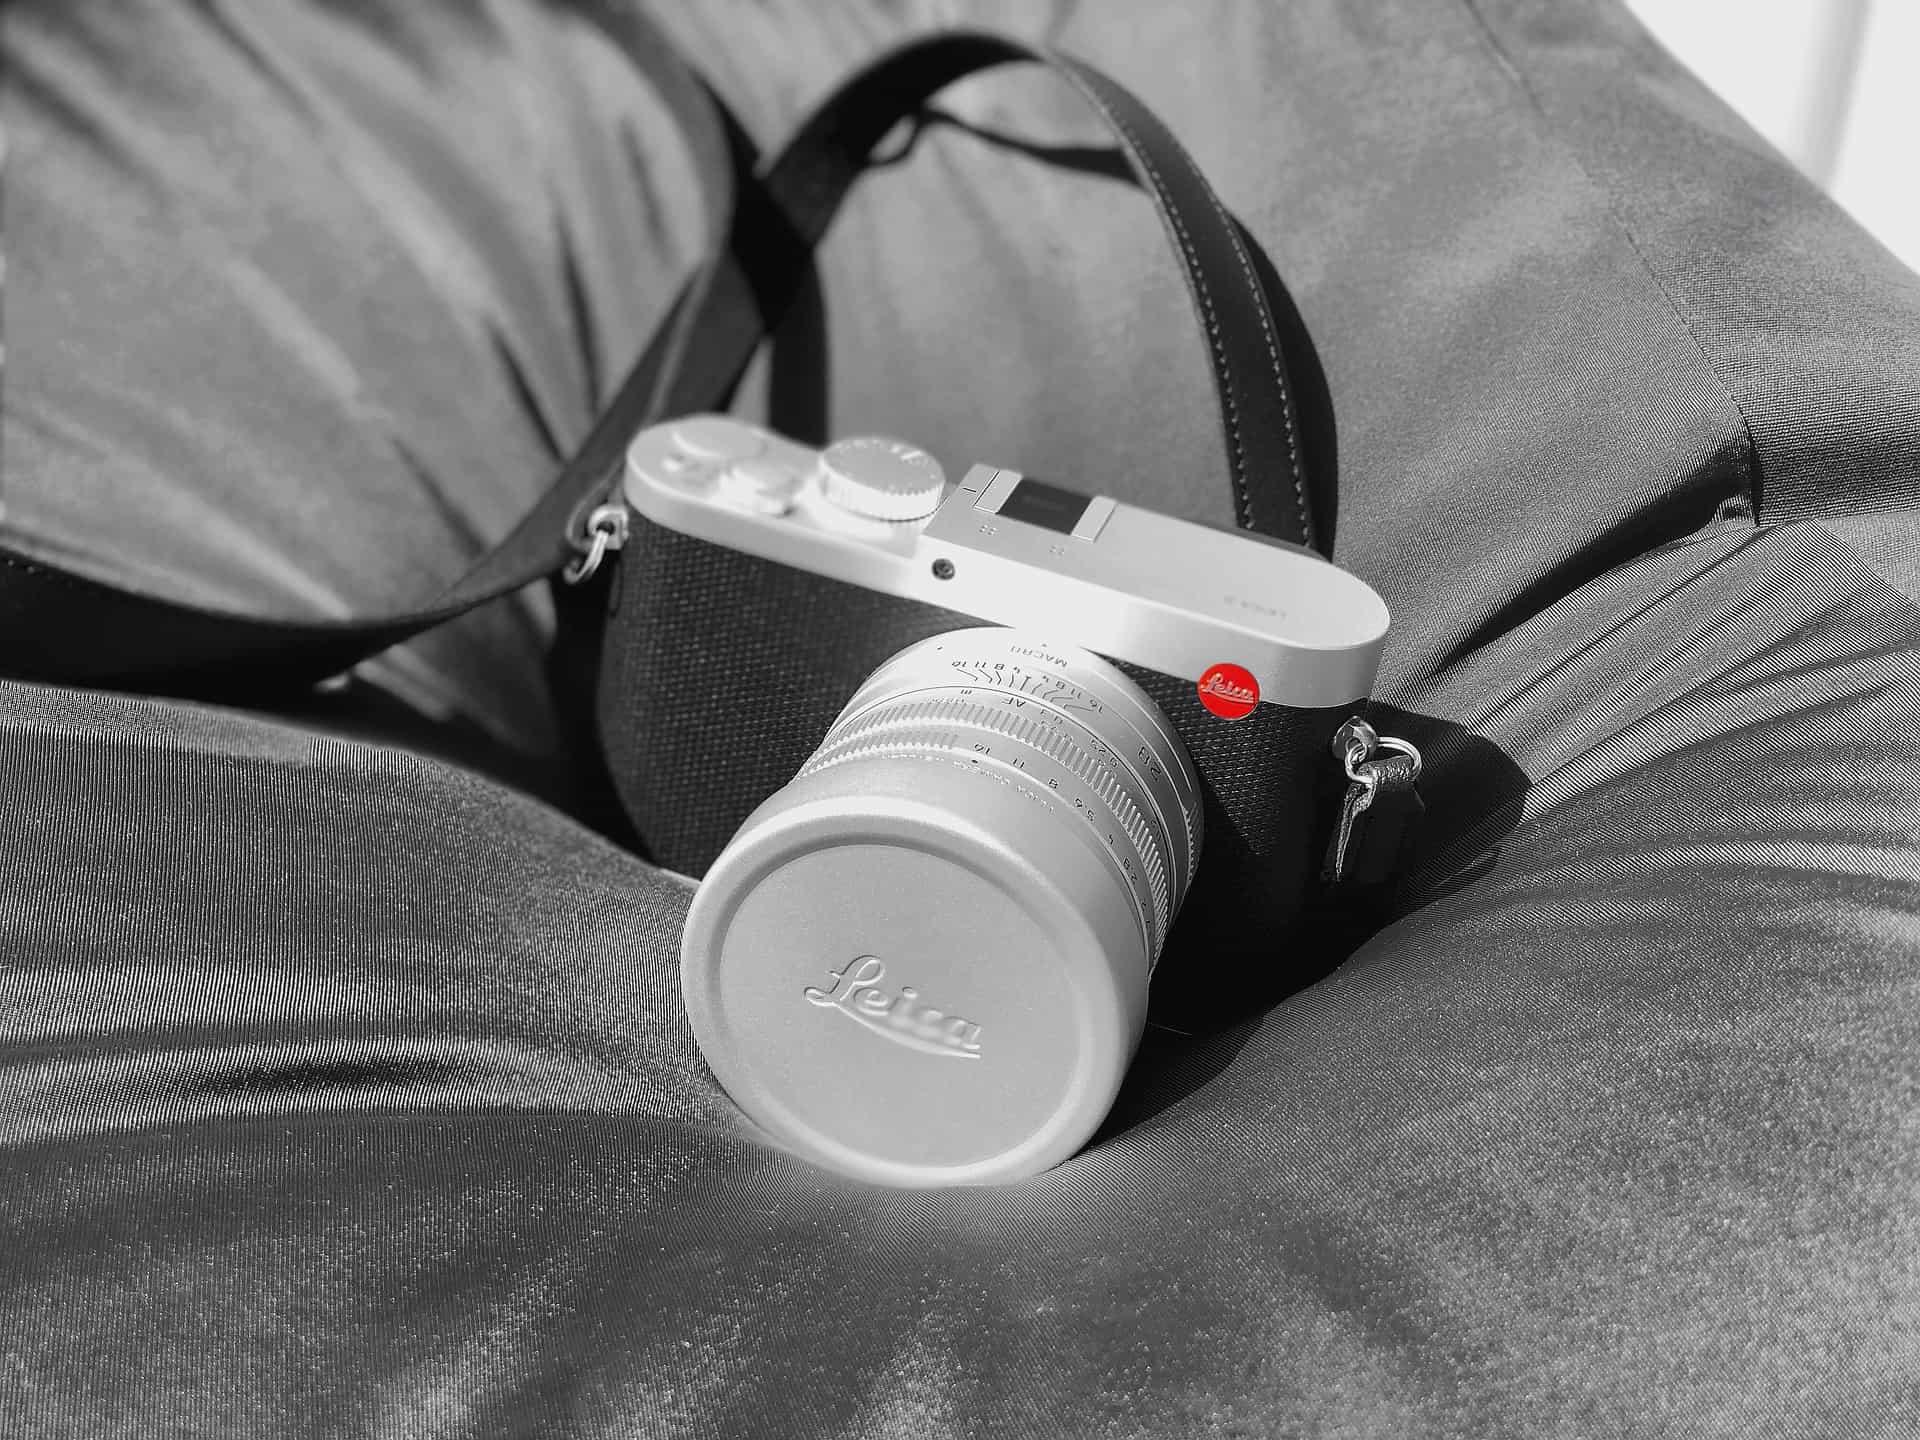 Leica Kamera: Test & Empfehlungen (04/21)